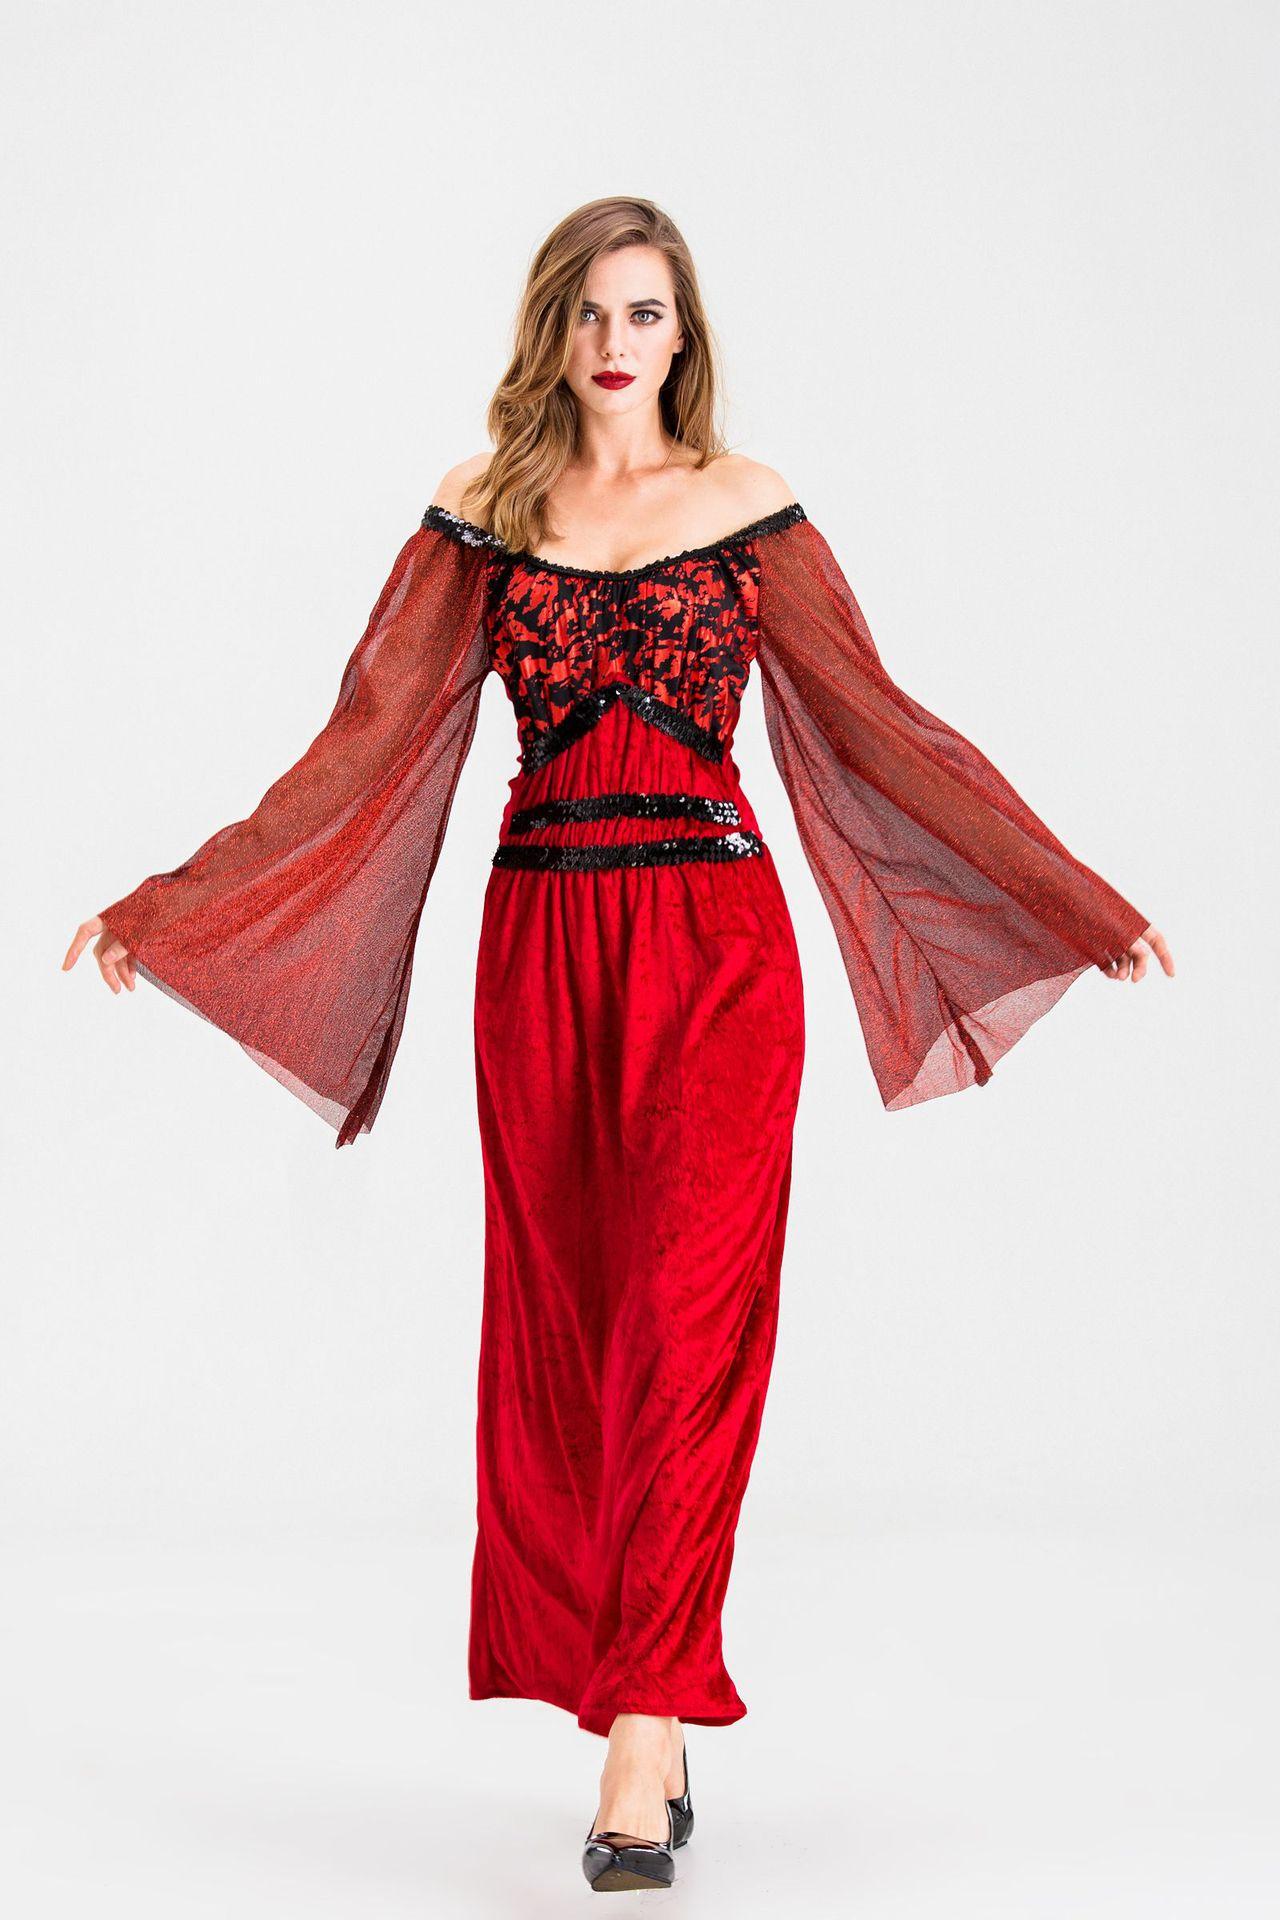 王服は悪魔の肩のロングスカートハロウィンの服装の成人の吸血鬼の服装の役は服の女性の赤色を演じます。